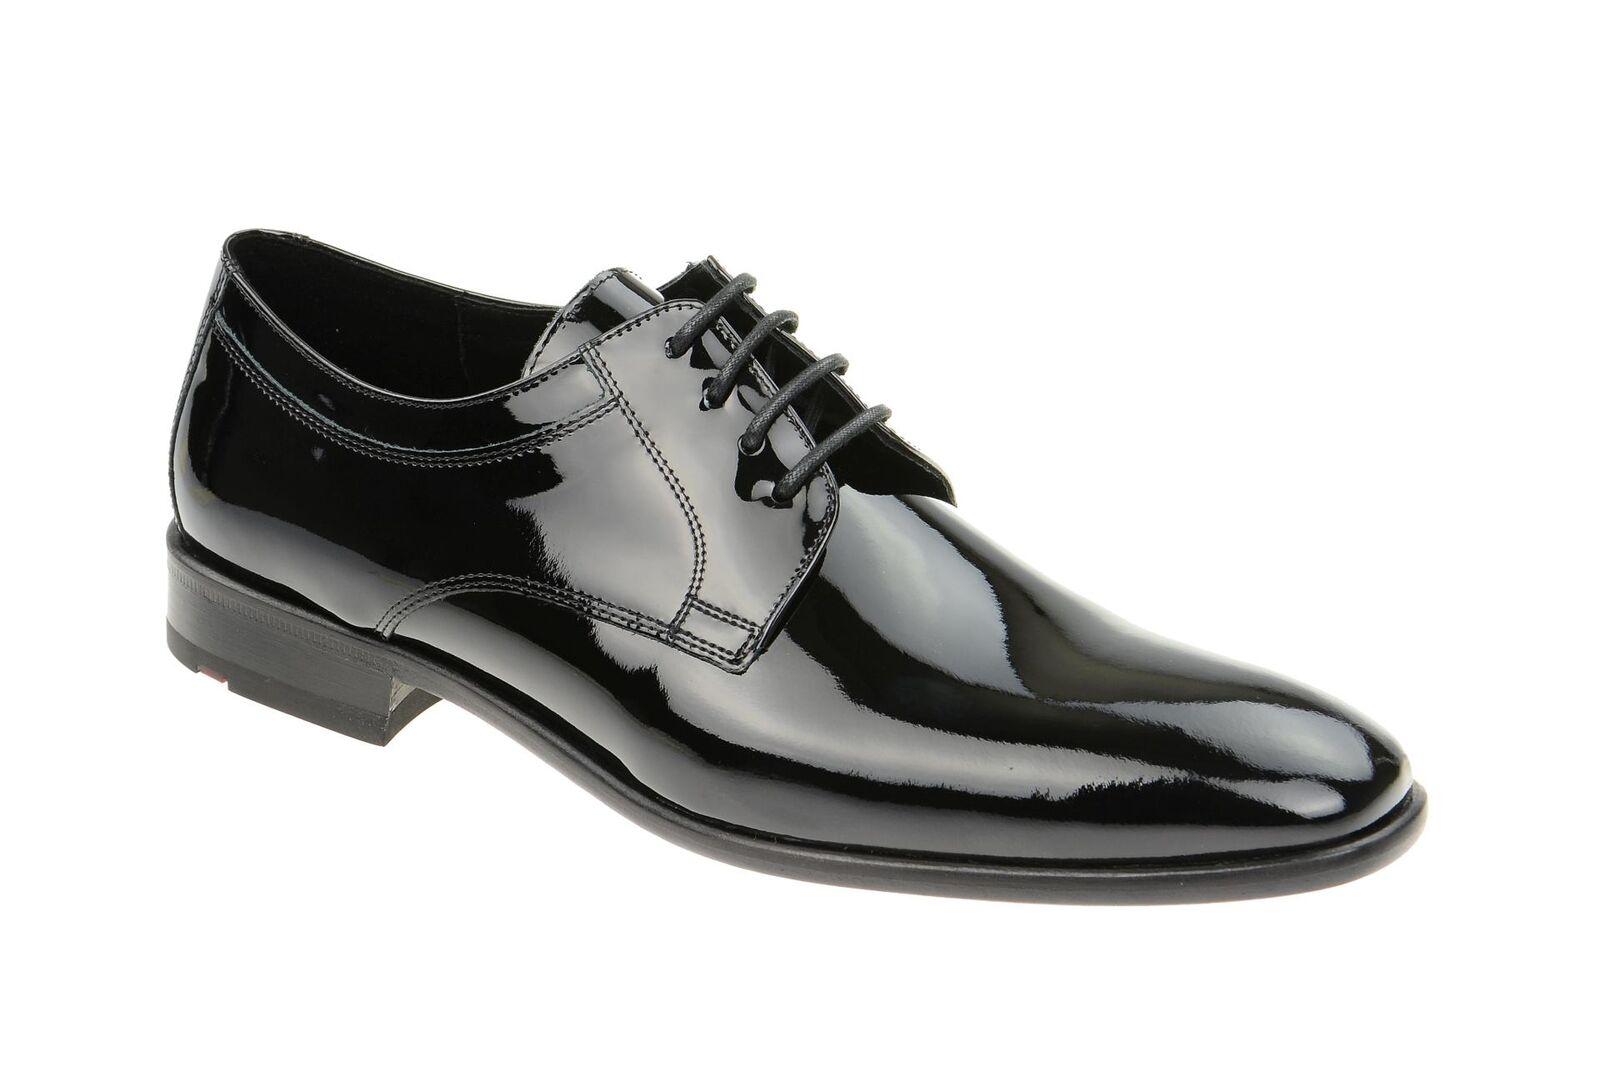 LLOYD Schuhe Halbschuhe FREEMAN schwarz Herrenschuhe elegante Halbschuhe Schuhe 29-842-20 NEU 75e85a